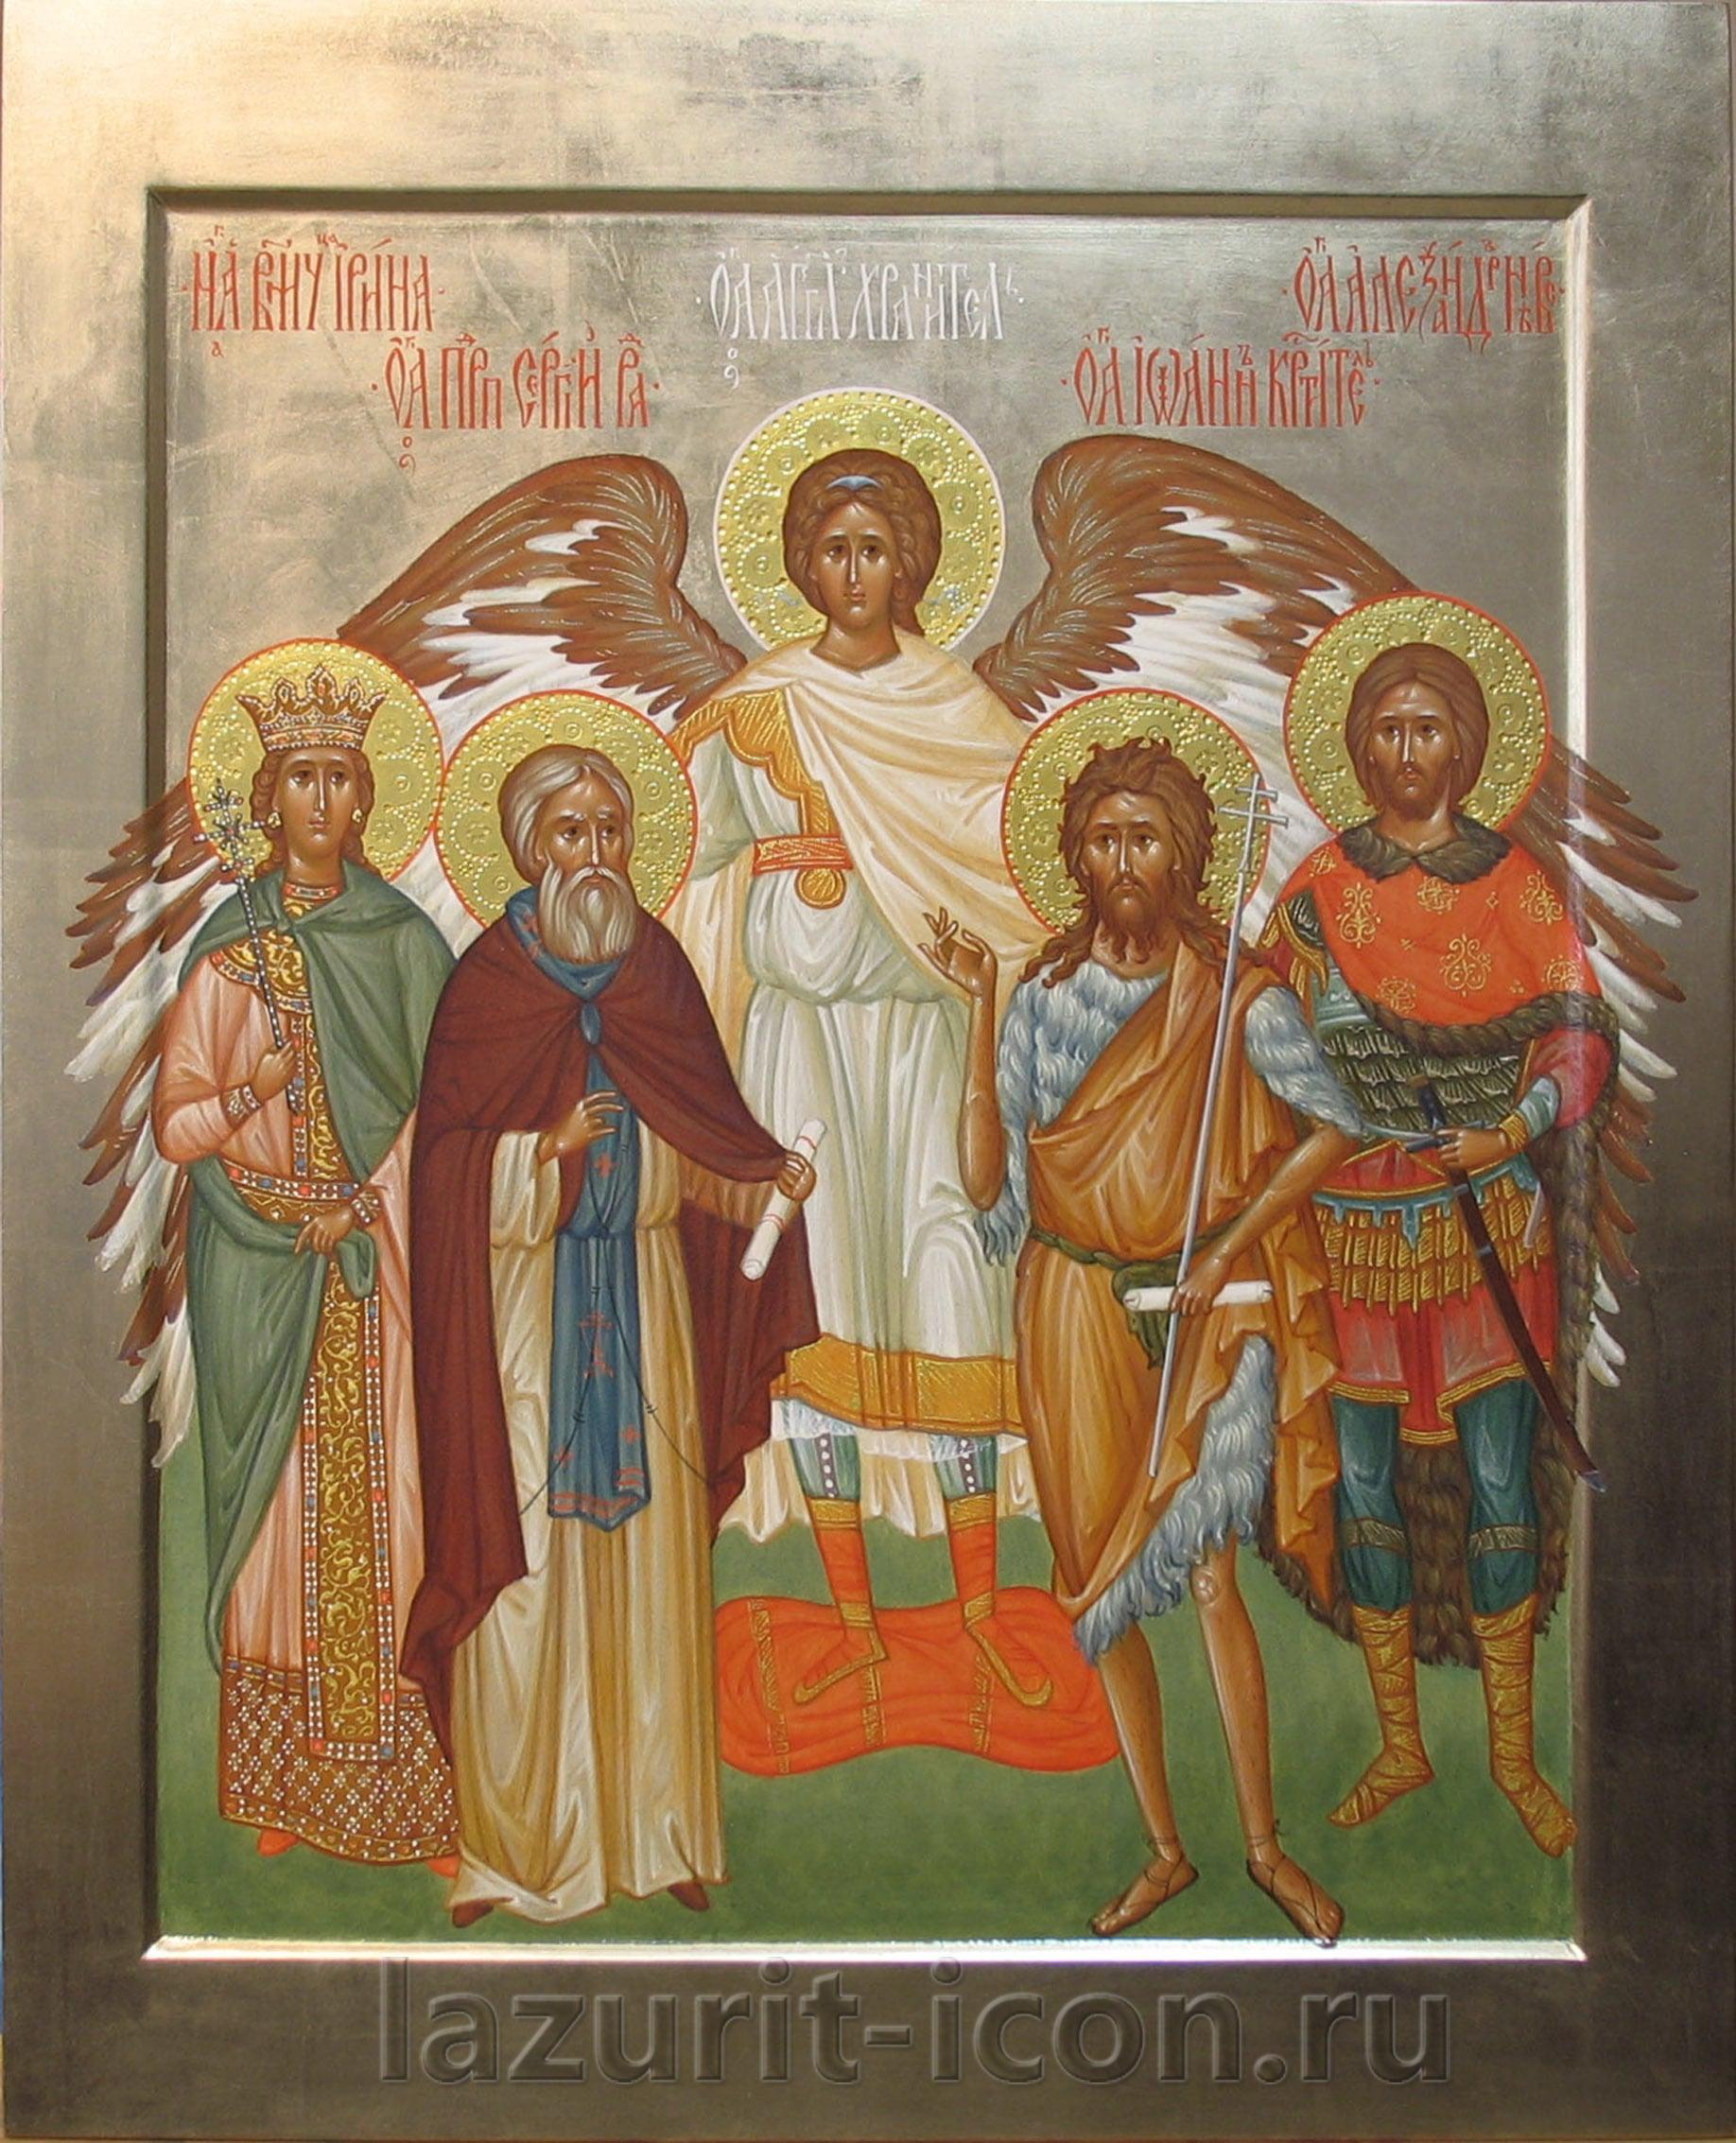 прп Сергий, Иоанн Предтеча, вмч Ирина, Александр Невский и Ангел Хранитель